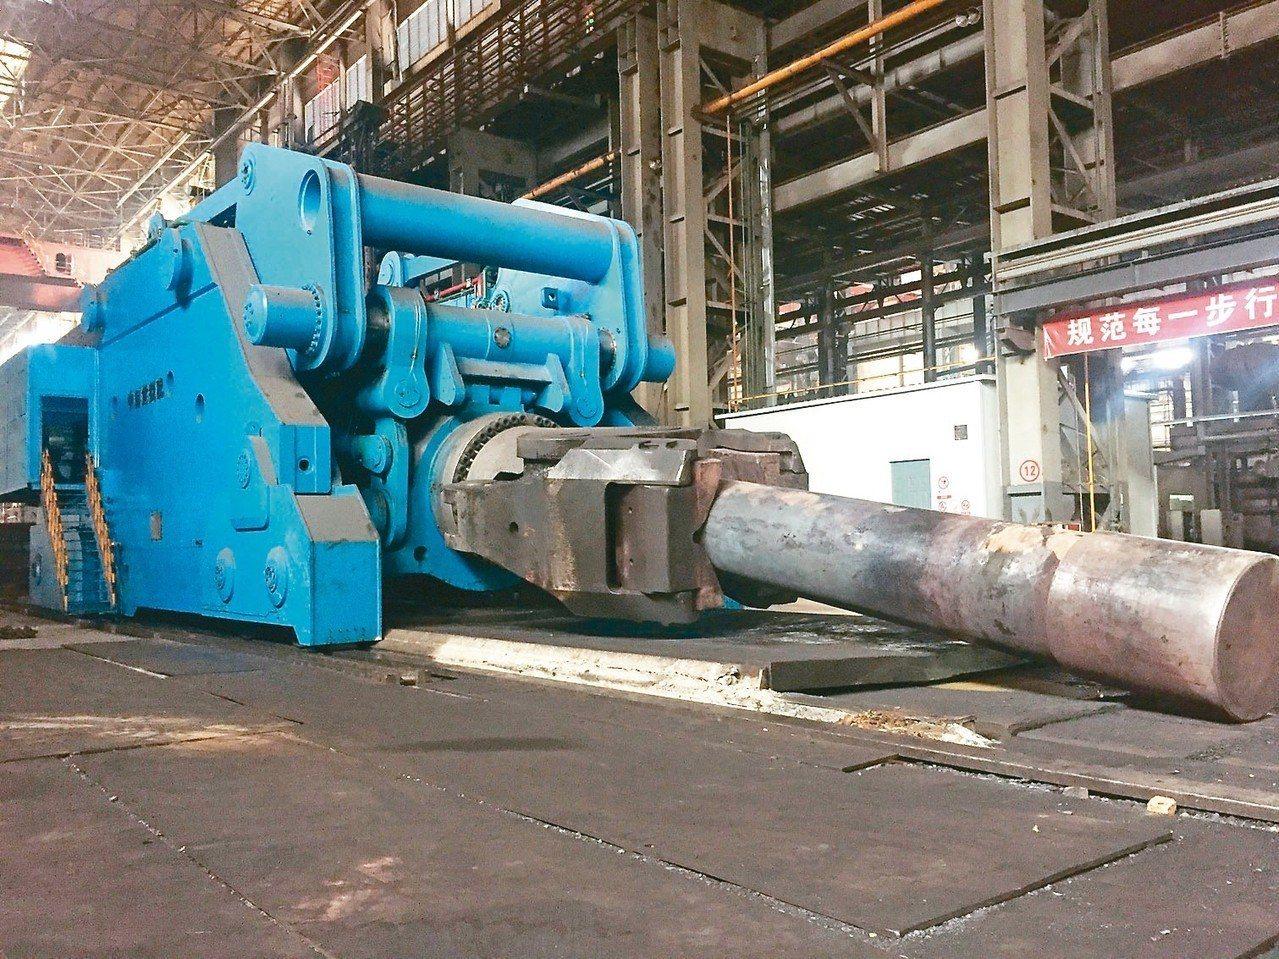 專為大型鍛件而製造的大型鍛造操作機,已投入生產。 圖/本報四川德陽傳真